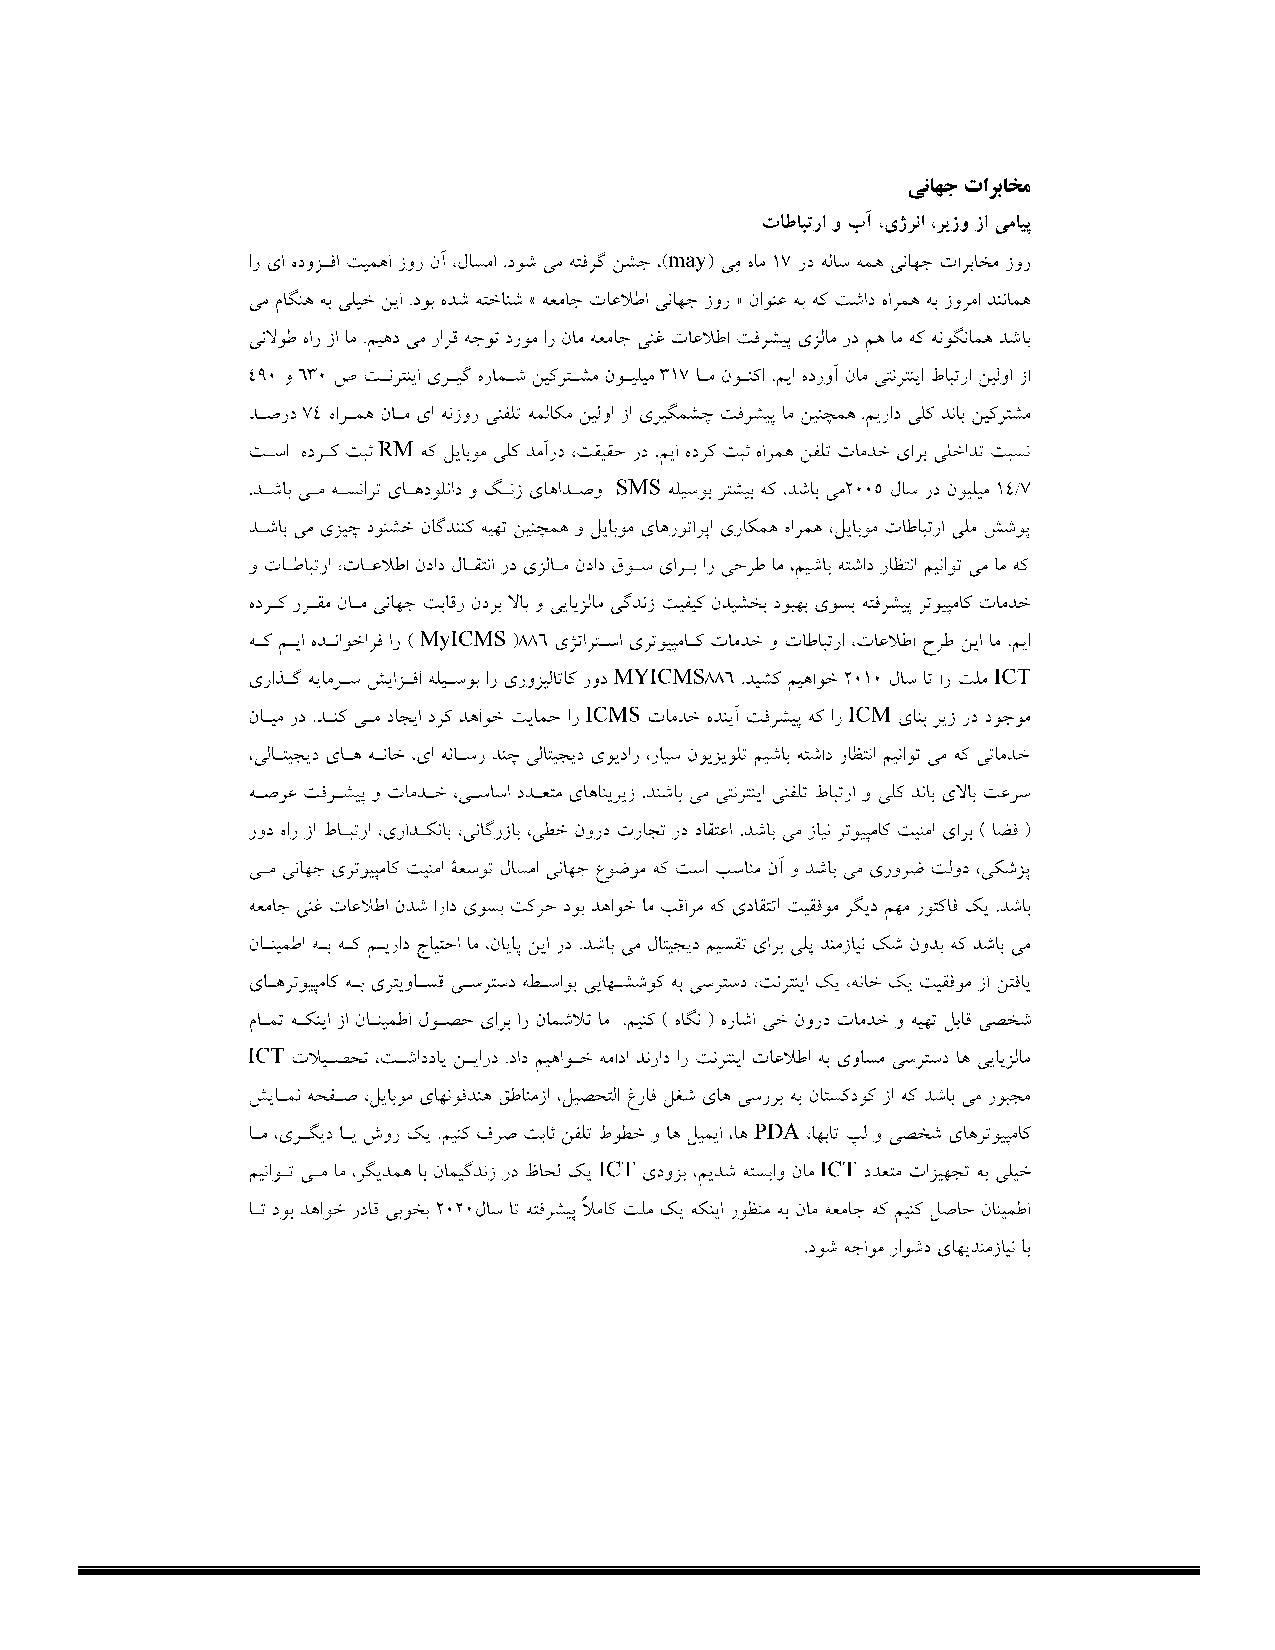 ترجمه مقاله و تحقیق - مخابرات جهانی 4